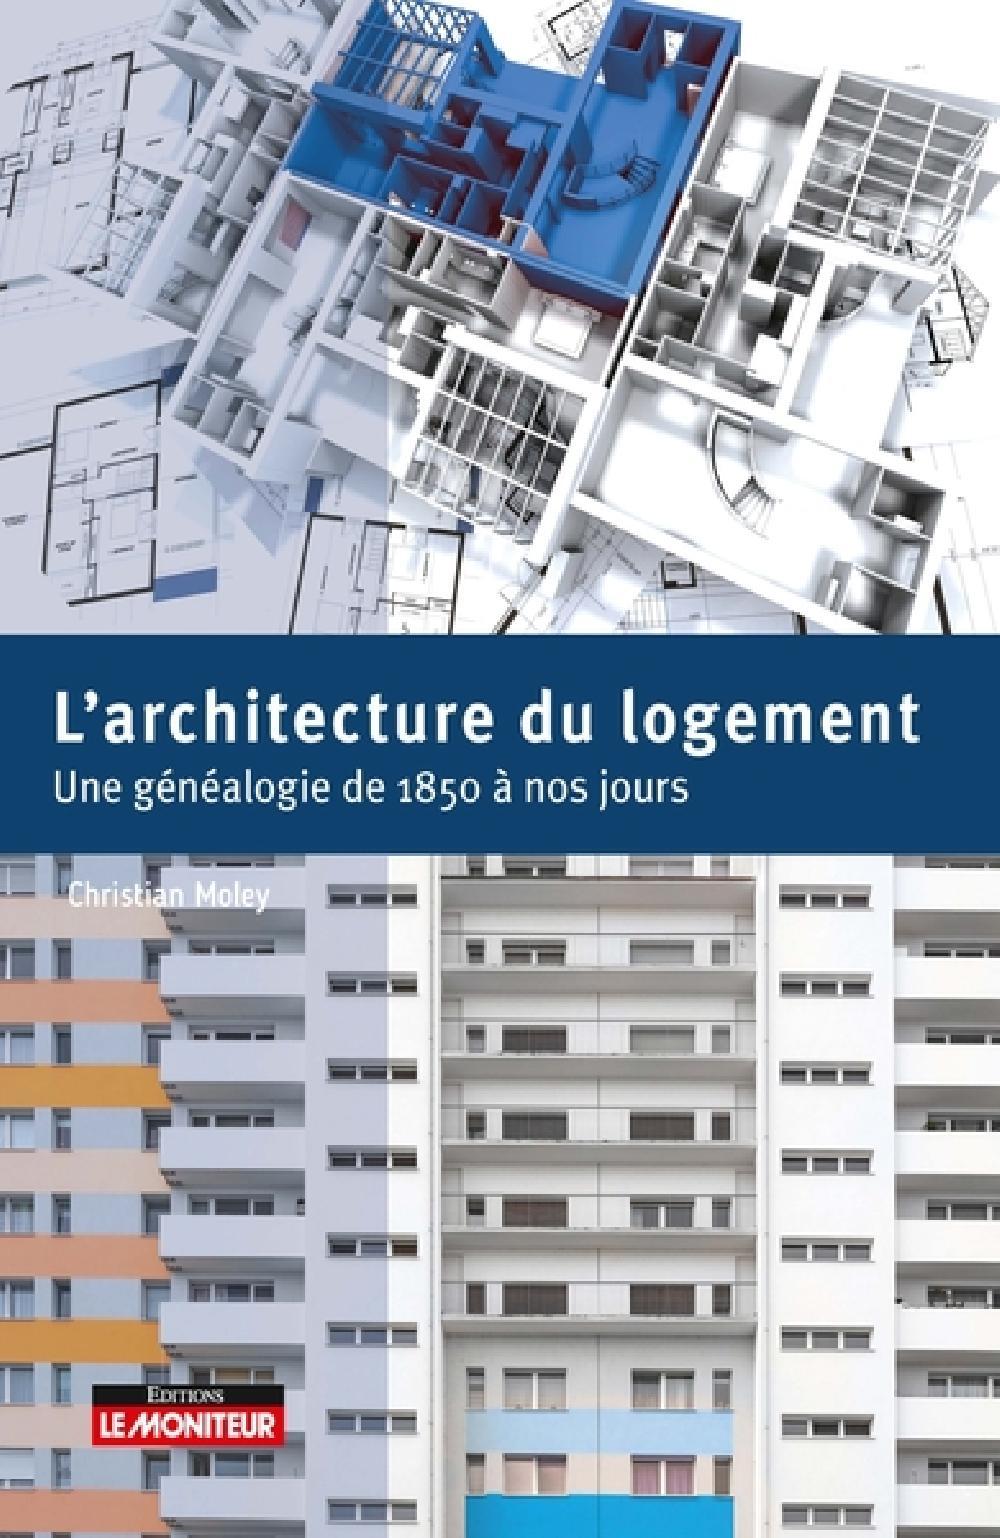 L'architecture du logement - Une généalogie de 1850 à nos jours